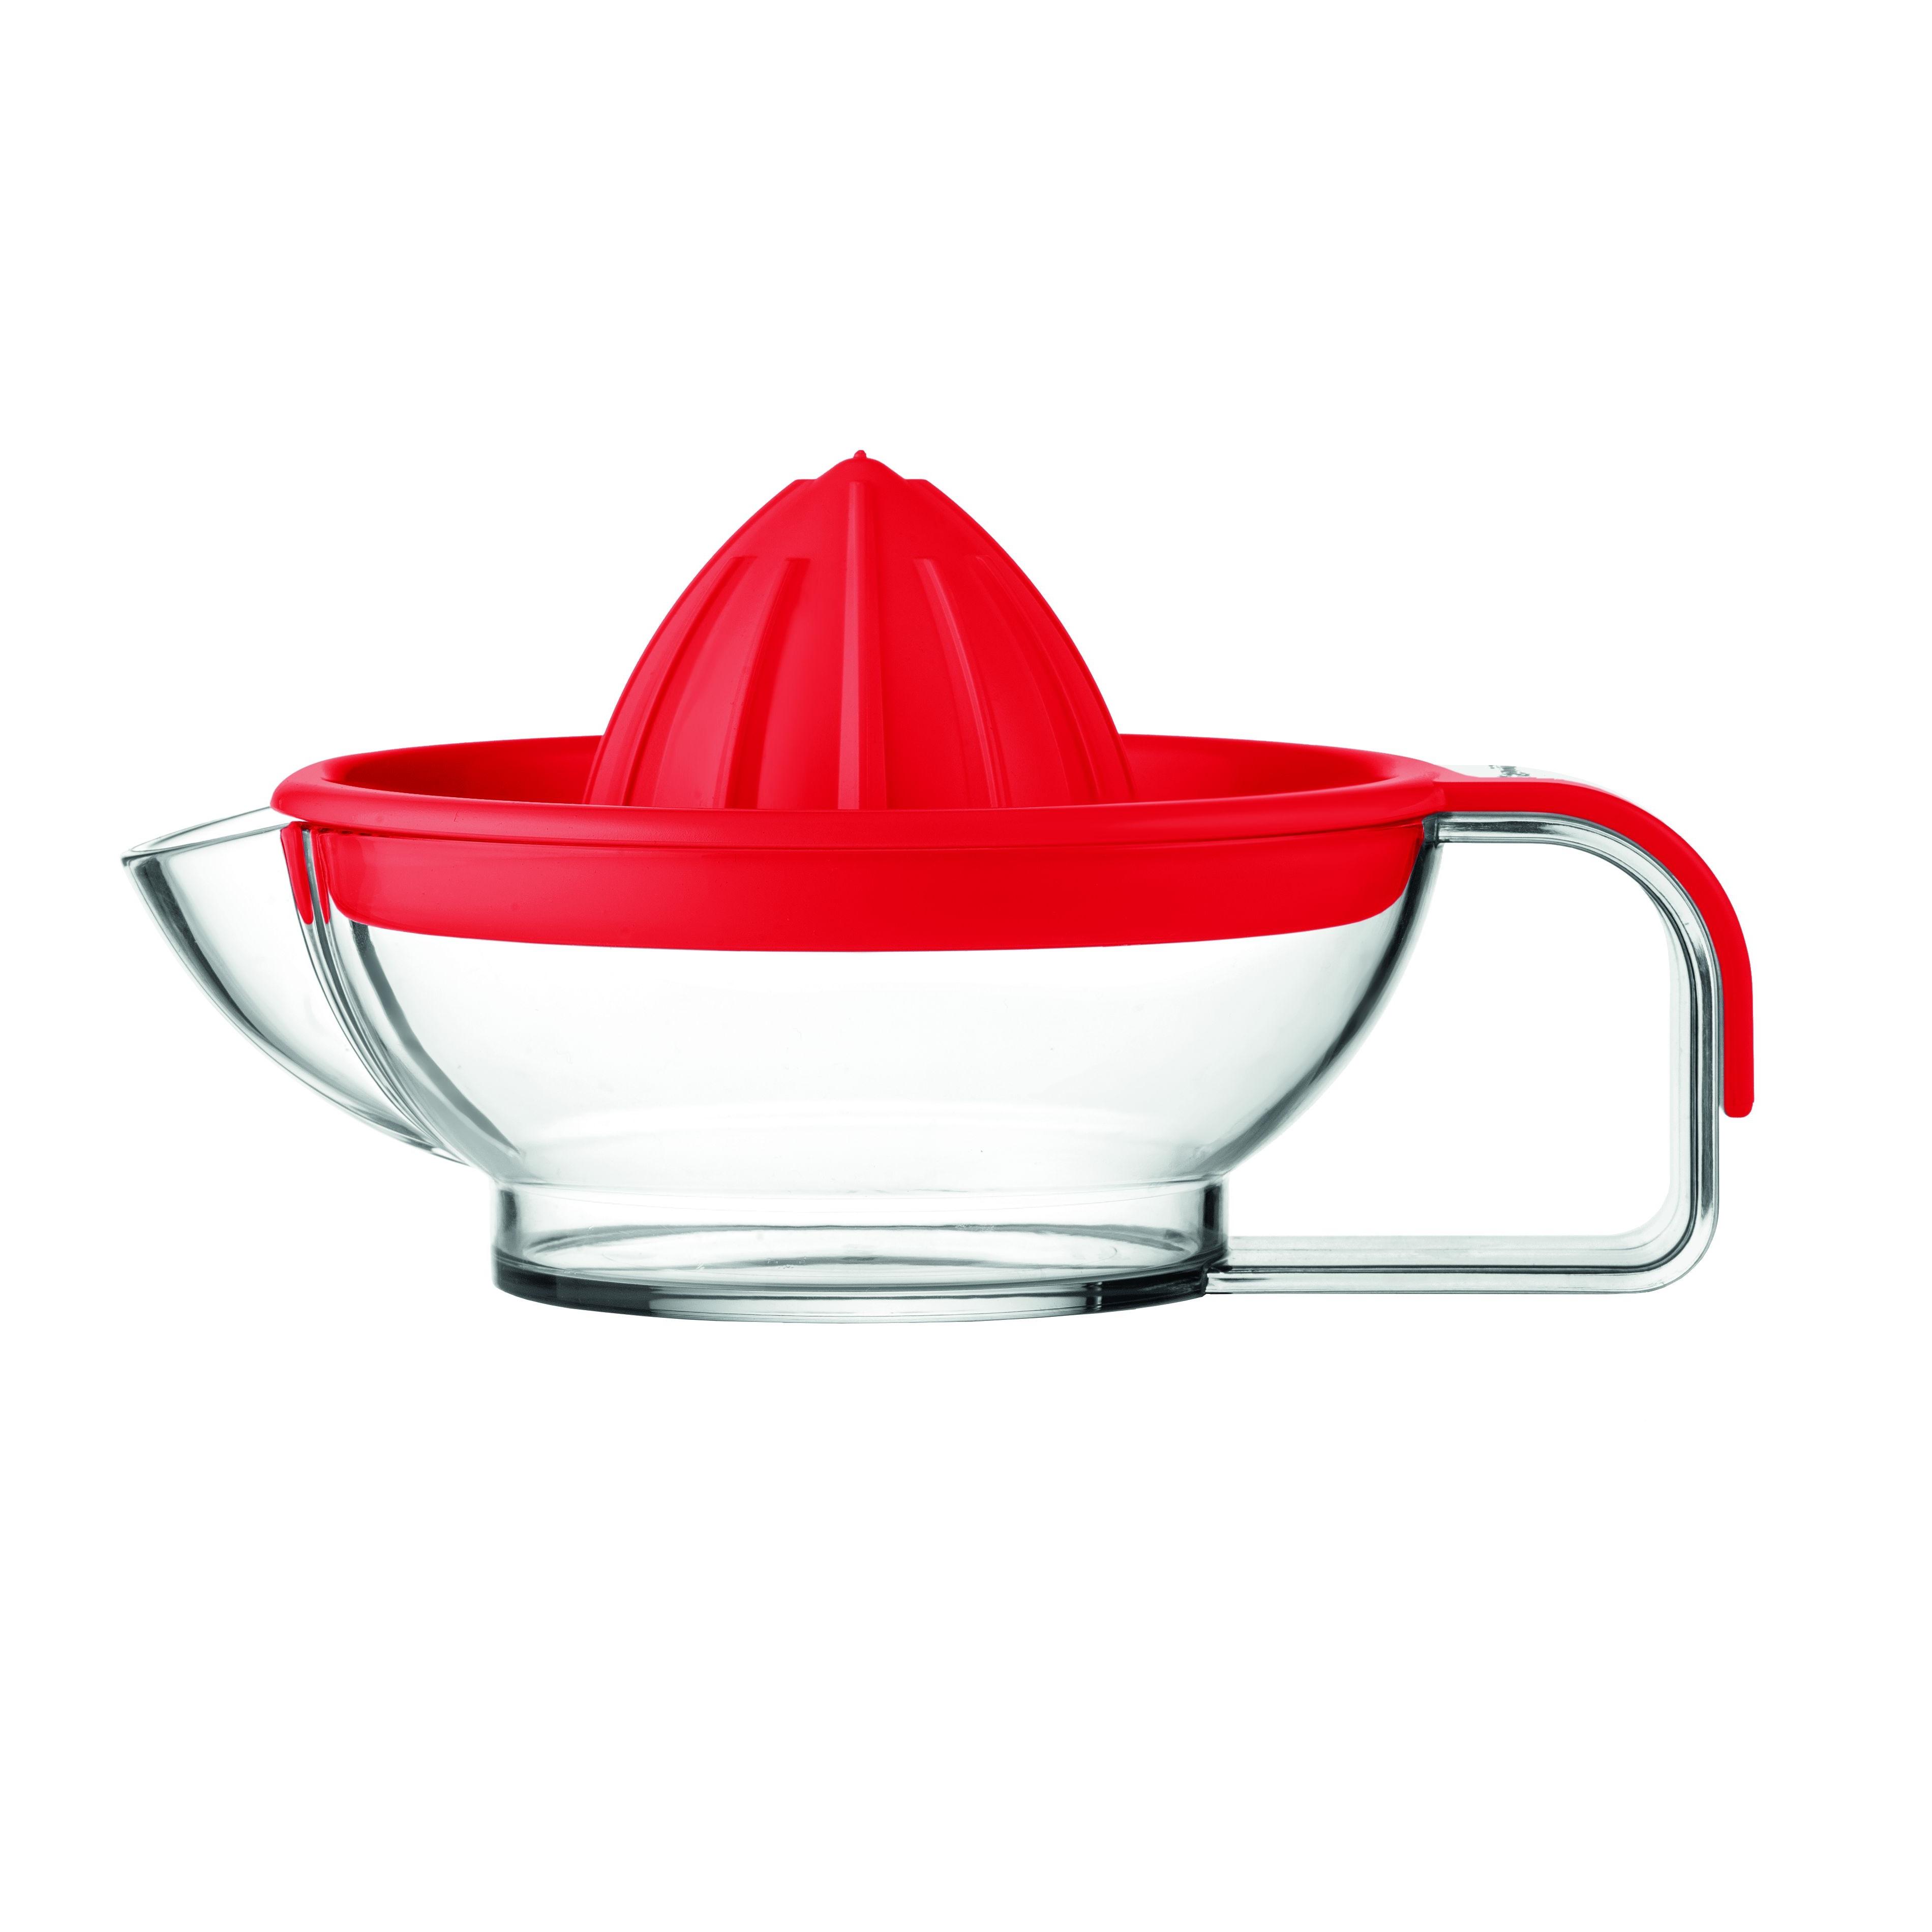 Соковыжималка для цитрусовых MY KITCHEN краснаяСоковыжималка для цитрусовых MY KITCHEN идеальна для создания вкусного витаминного напитка из спелых фруктов. Устройство простое в эксплуатации, абсолютно безопасное за счет отсутствия автоматических деталей. Оно легко разбирается и собирается, удобно в уходе и подходит для мытья в посудомоечной машине. Для приготовления сока из апельсинов или грейпфрутов, лимонов или лаймов необходимо разрезать фрукты на половинки, затем прижать половину фрукта к выступающей части крышки, проворачивать в стороны до получения достаточного количества сока. Крышка снабжена фильтрующей решеткой.<br>